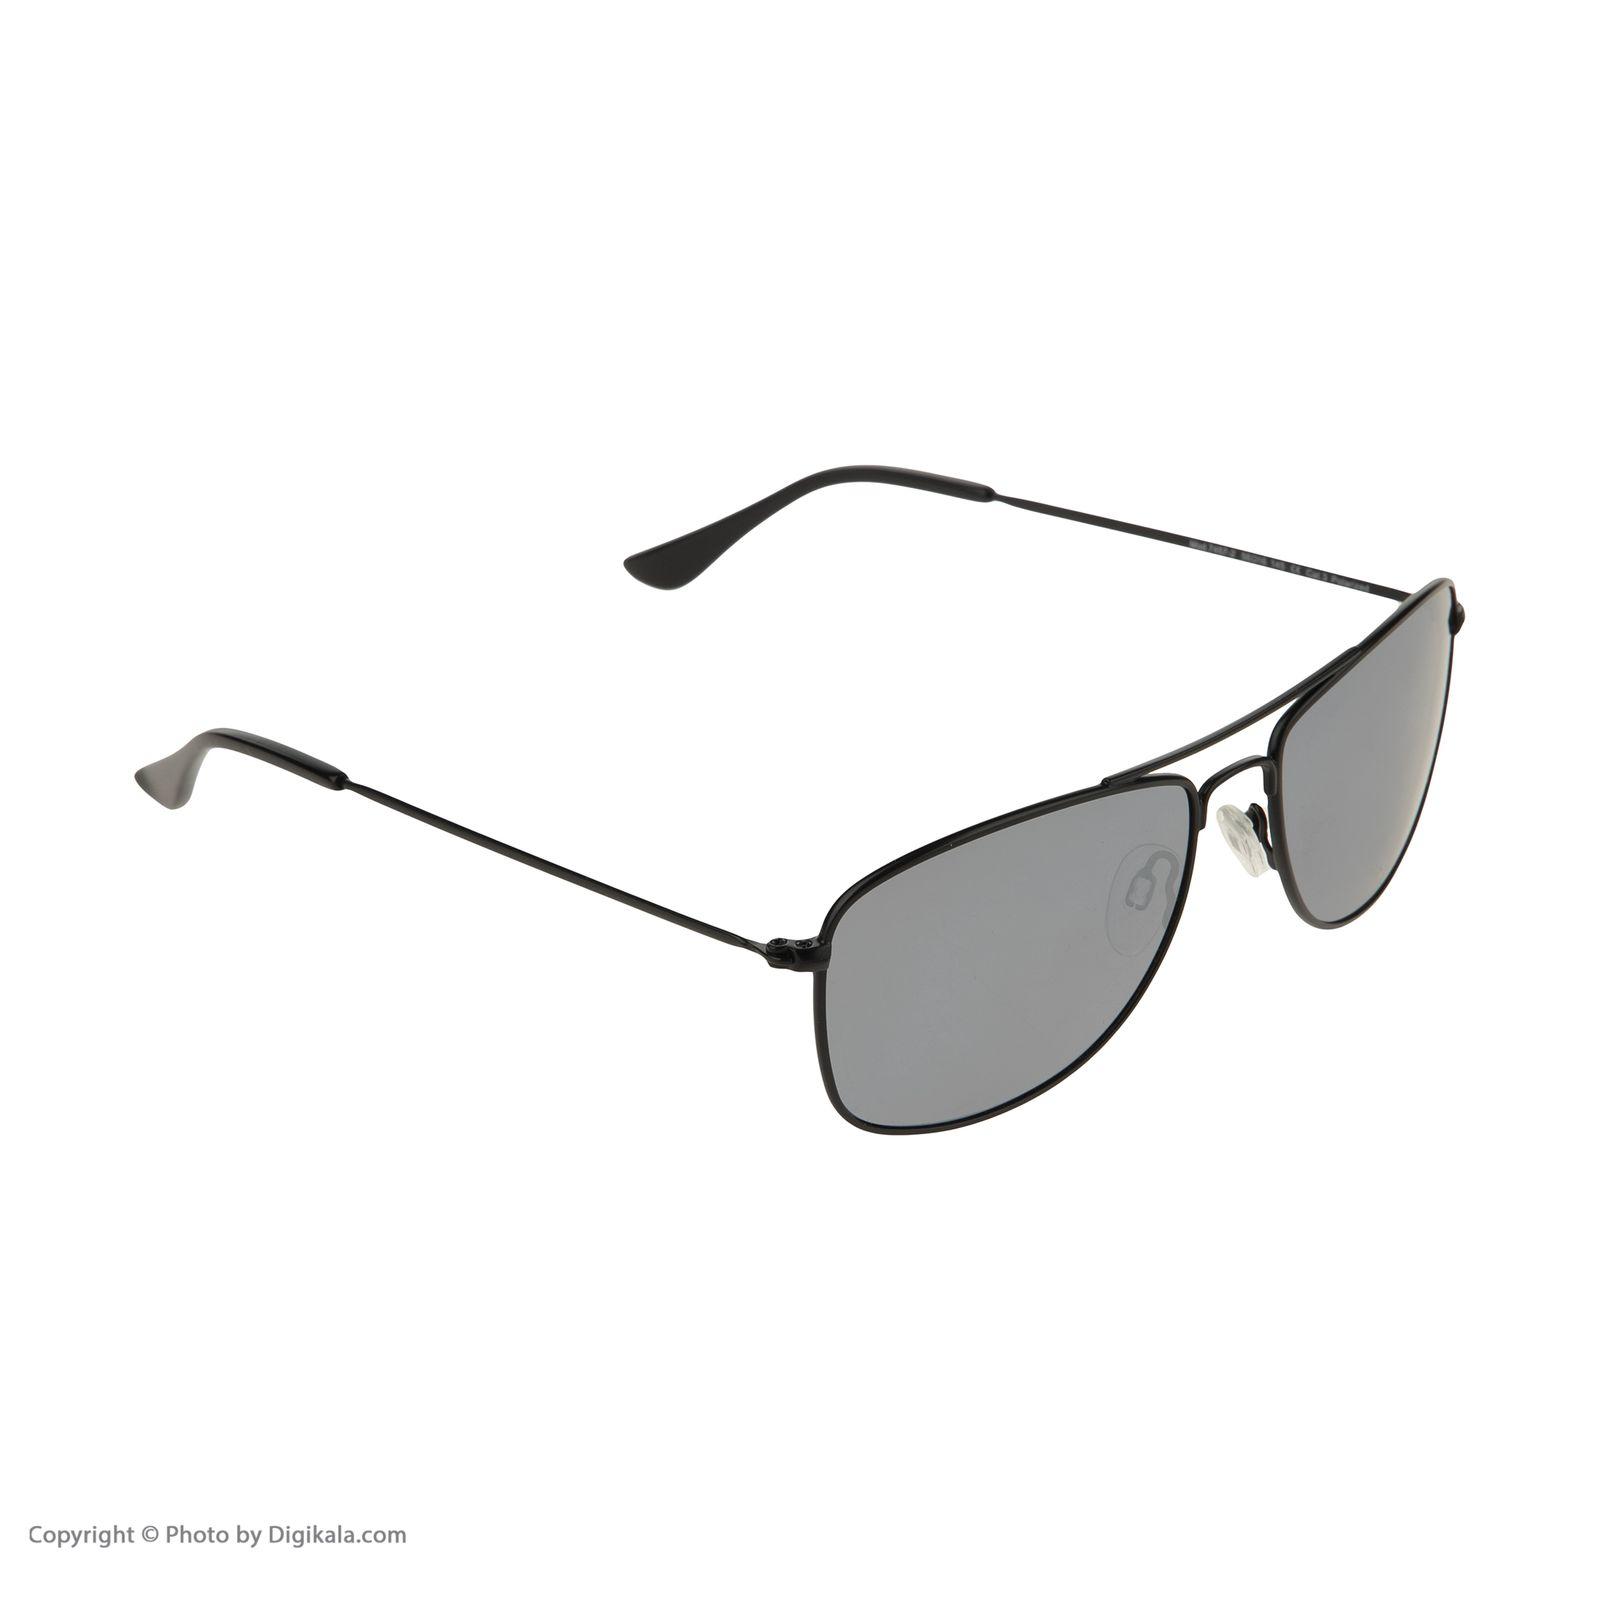 عینک آفتابی مردانه ویستان مدل 7457002 -  - 2